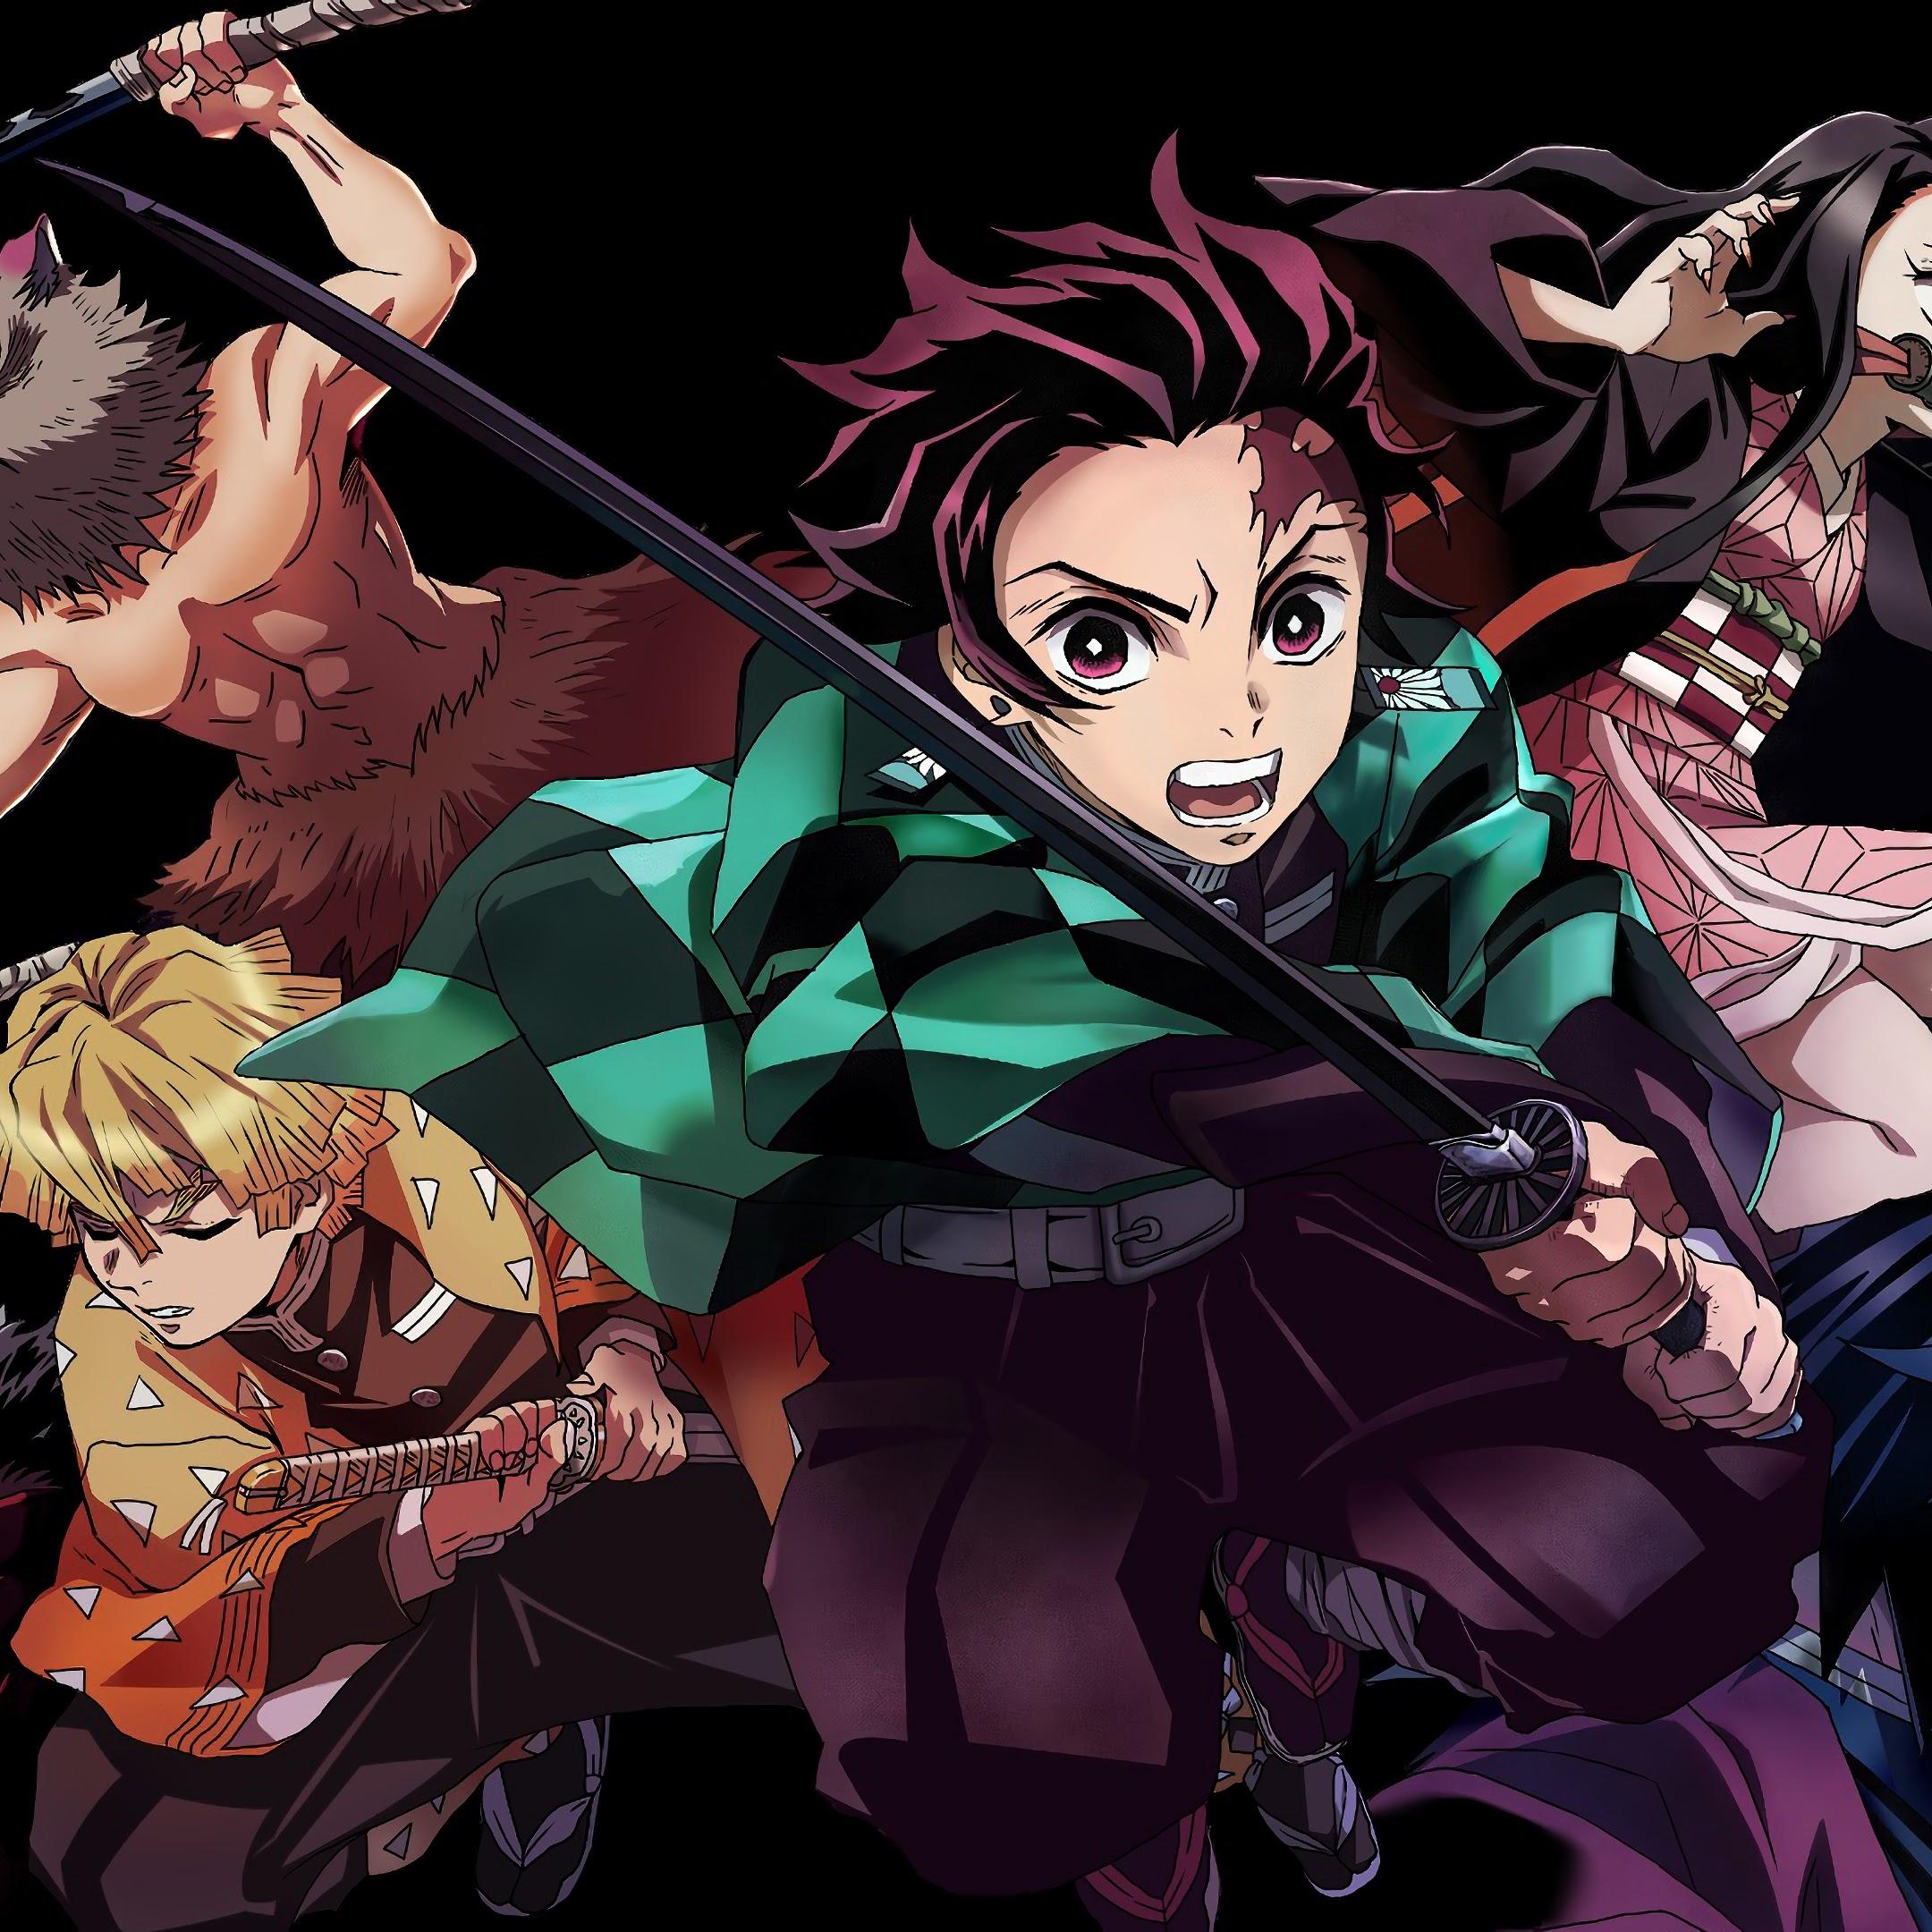 Kimetsu No Yaiba, Characters, Tanjirou, Nezuko, Zenitsu